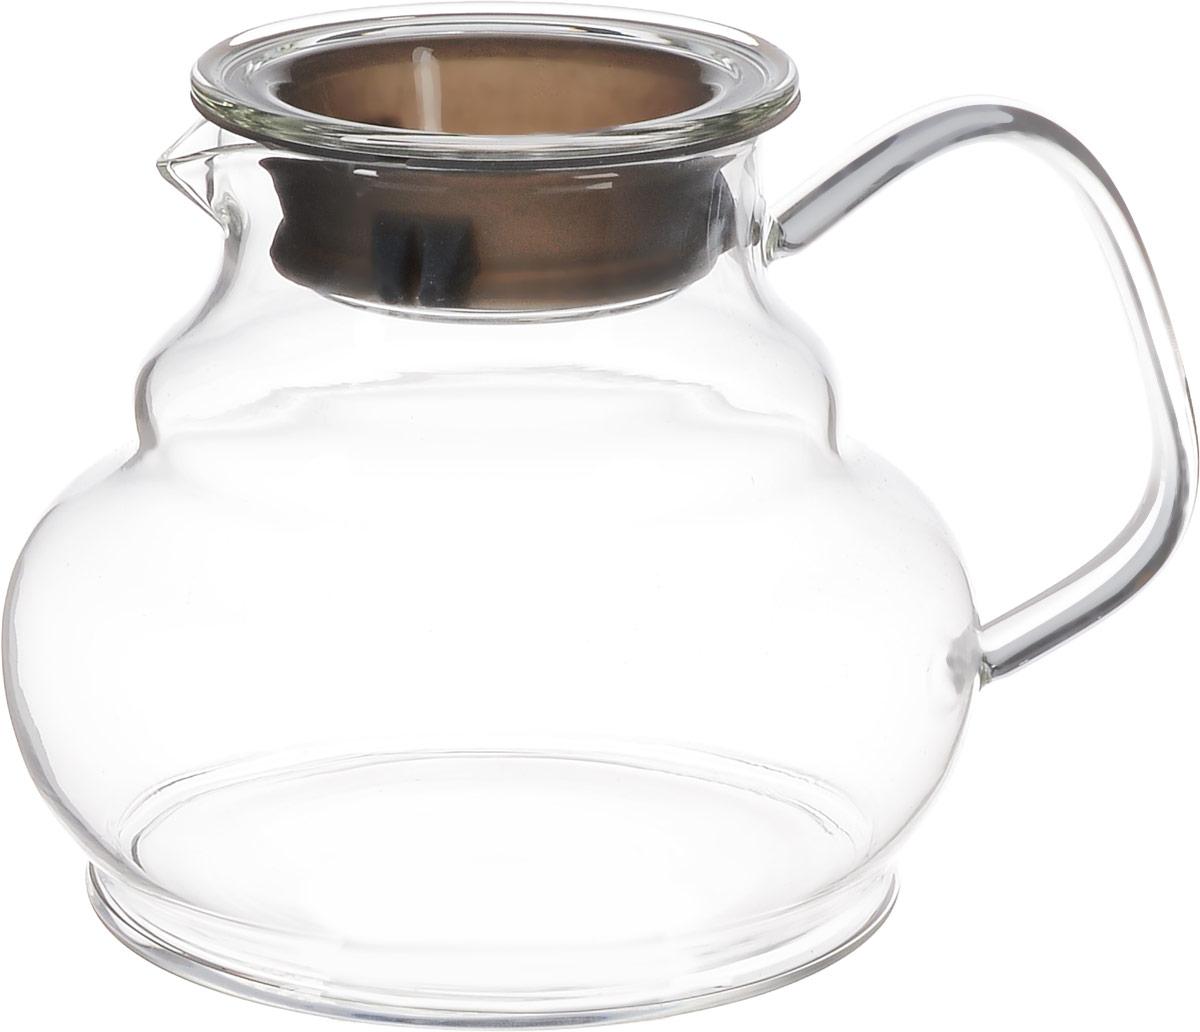 """Заварочный чайник Hunan Provincial """"Мори"""" изготовлен из стекла. Этот чайник радует глаз своей оригинальной формой. Удобная ручка позволяет крепко держать чайник в руке. Крышка с силиконовой вставкой уберегает от ожогов. Диаметр чайника (по верхнему краю): 7,5 см. Высота чайника (без крышки): 11 см."""